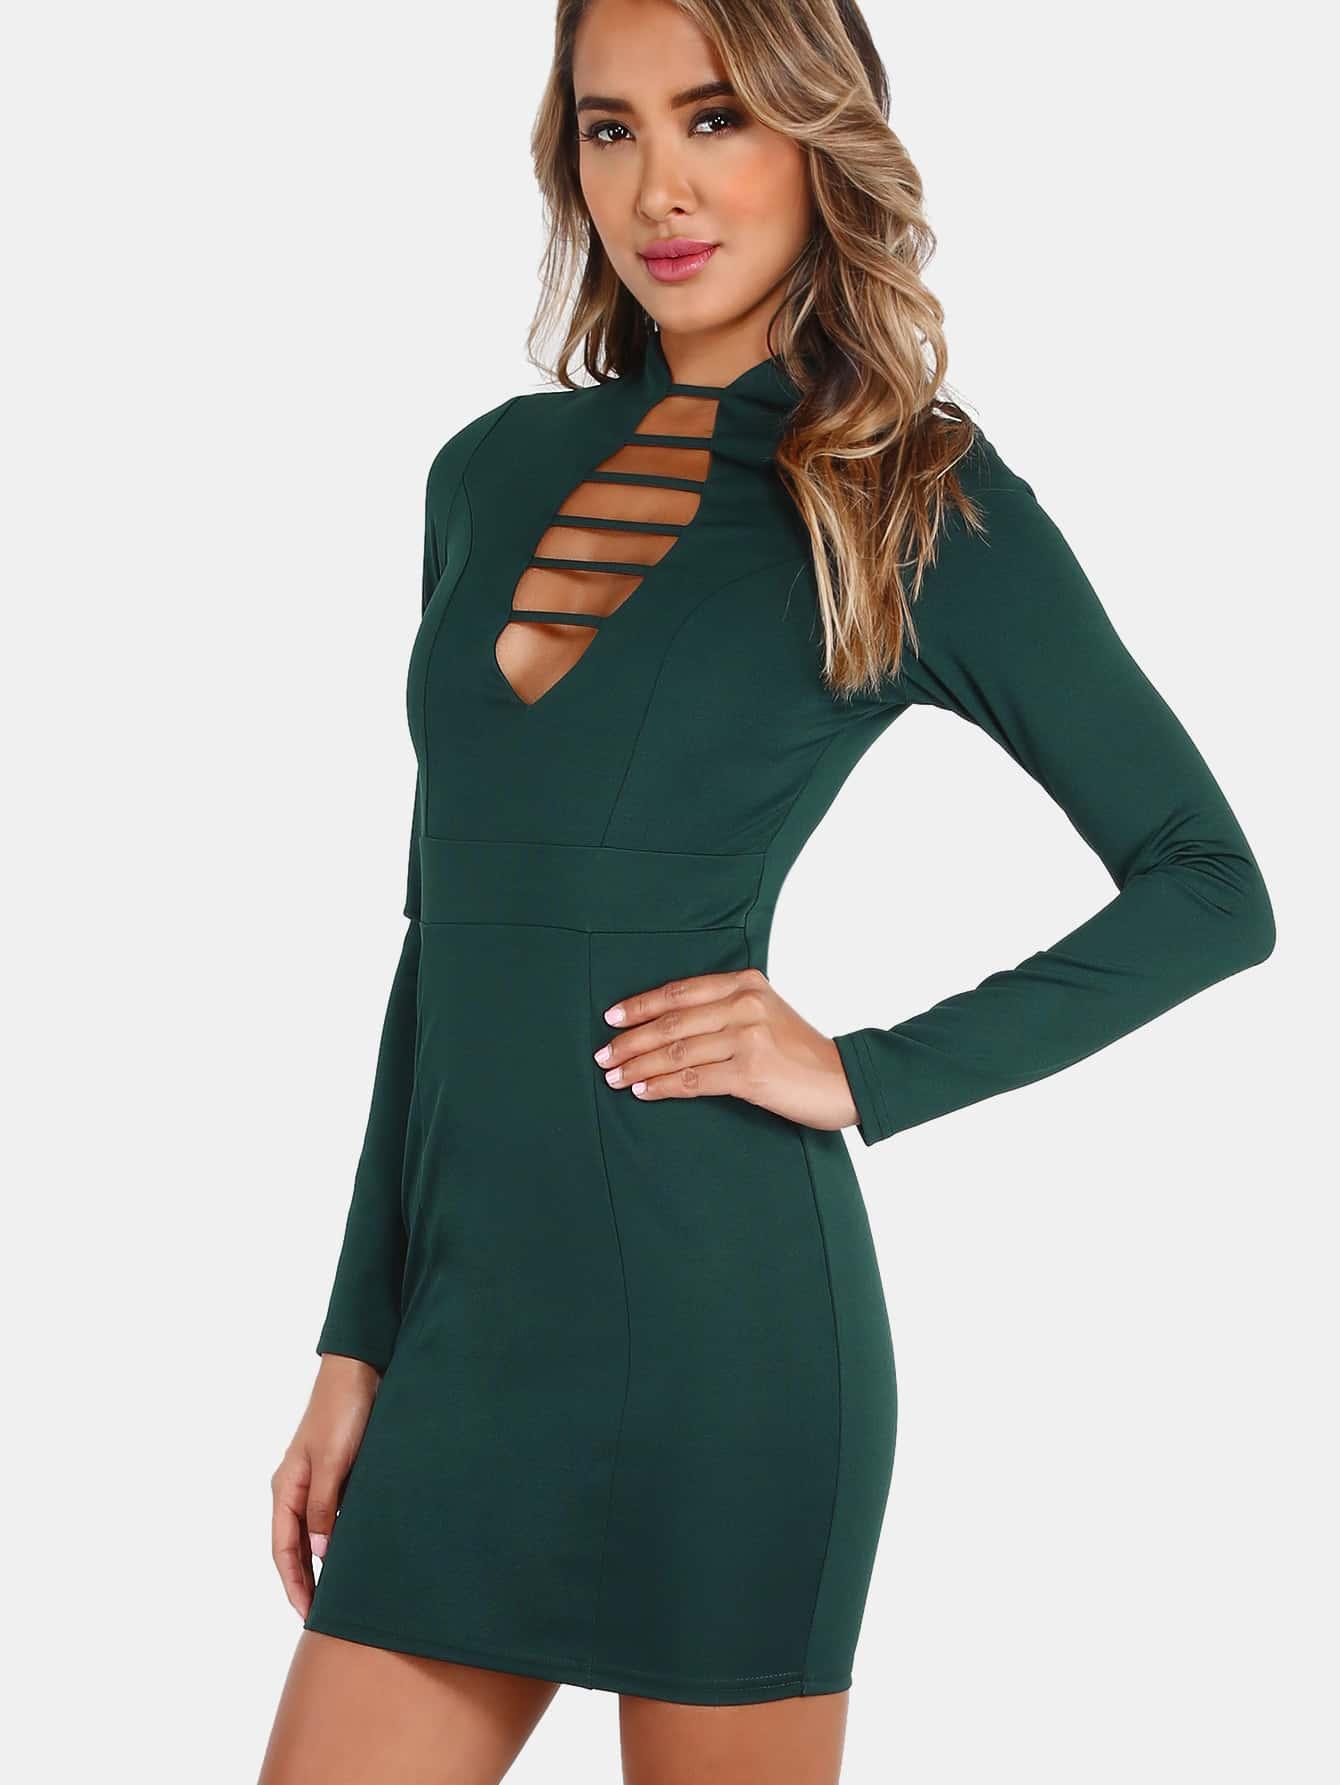 Фото Plunging Strap Dress HUNTER GREEN. Купить с доставкой